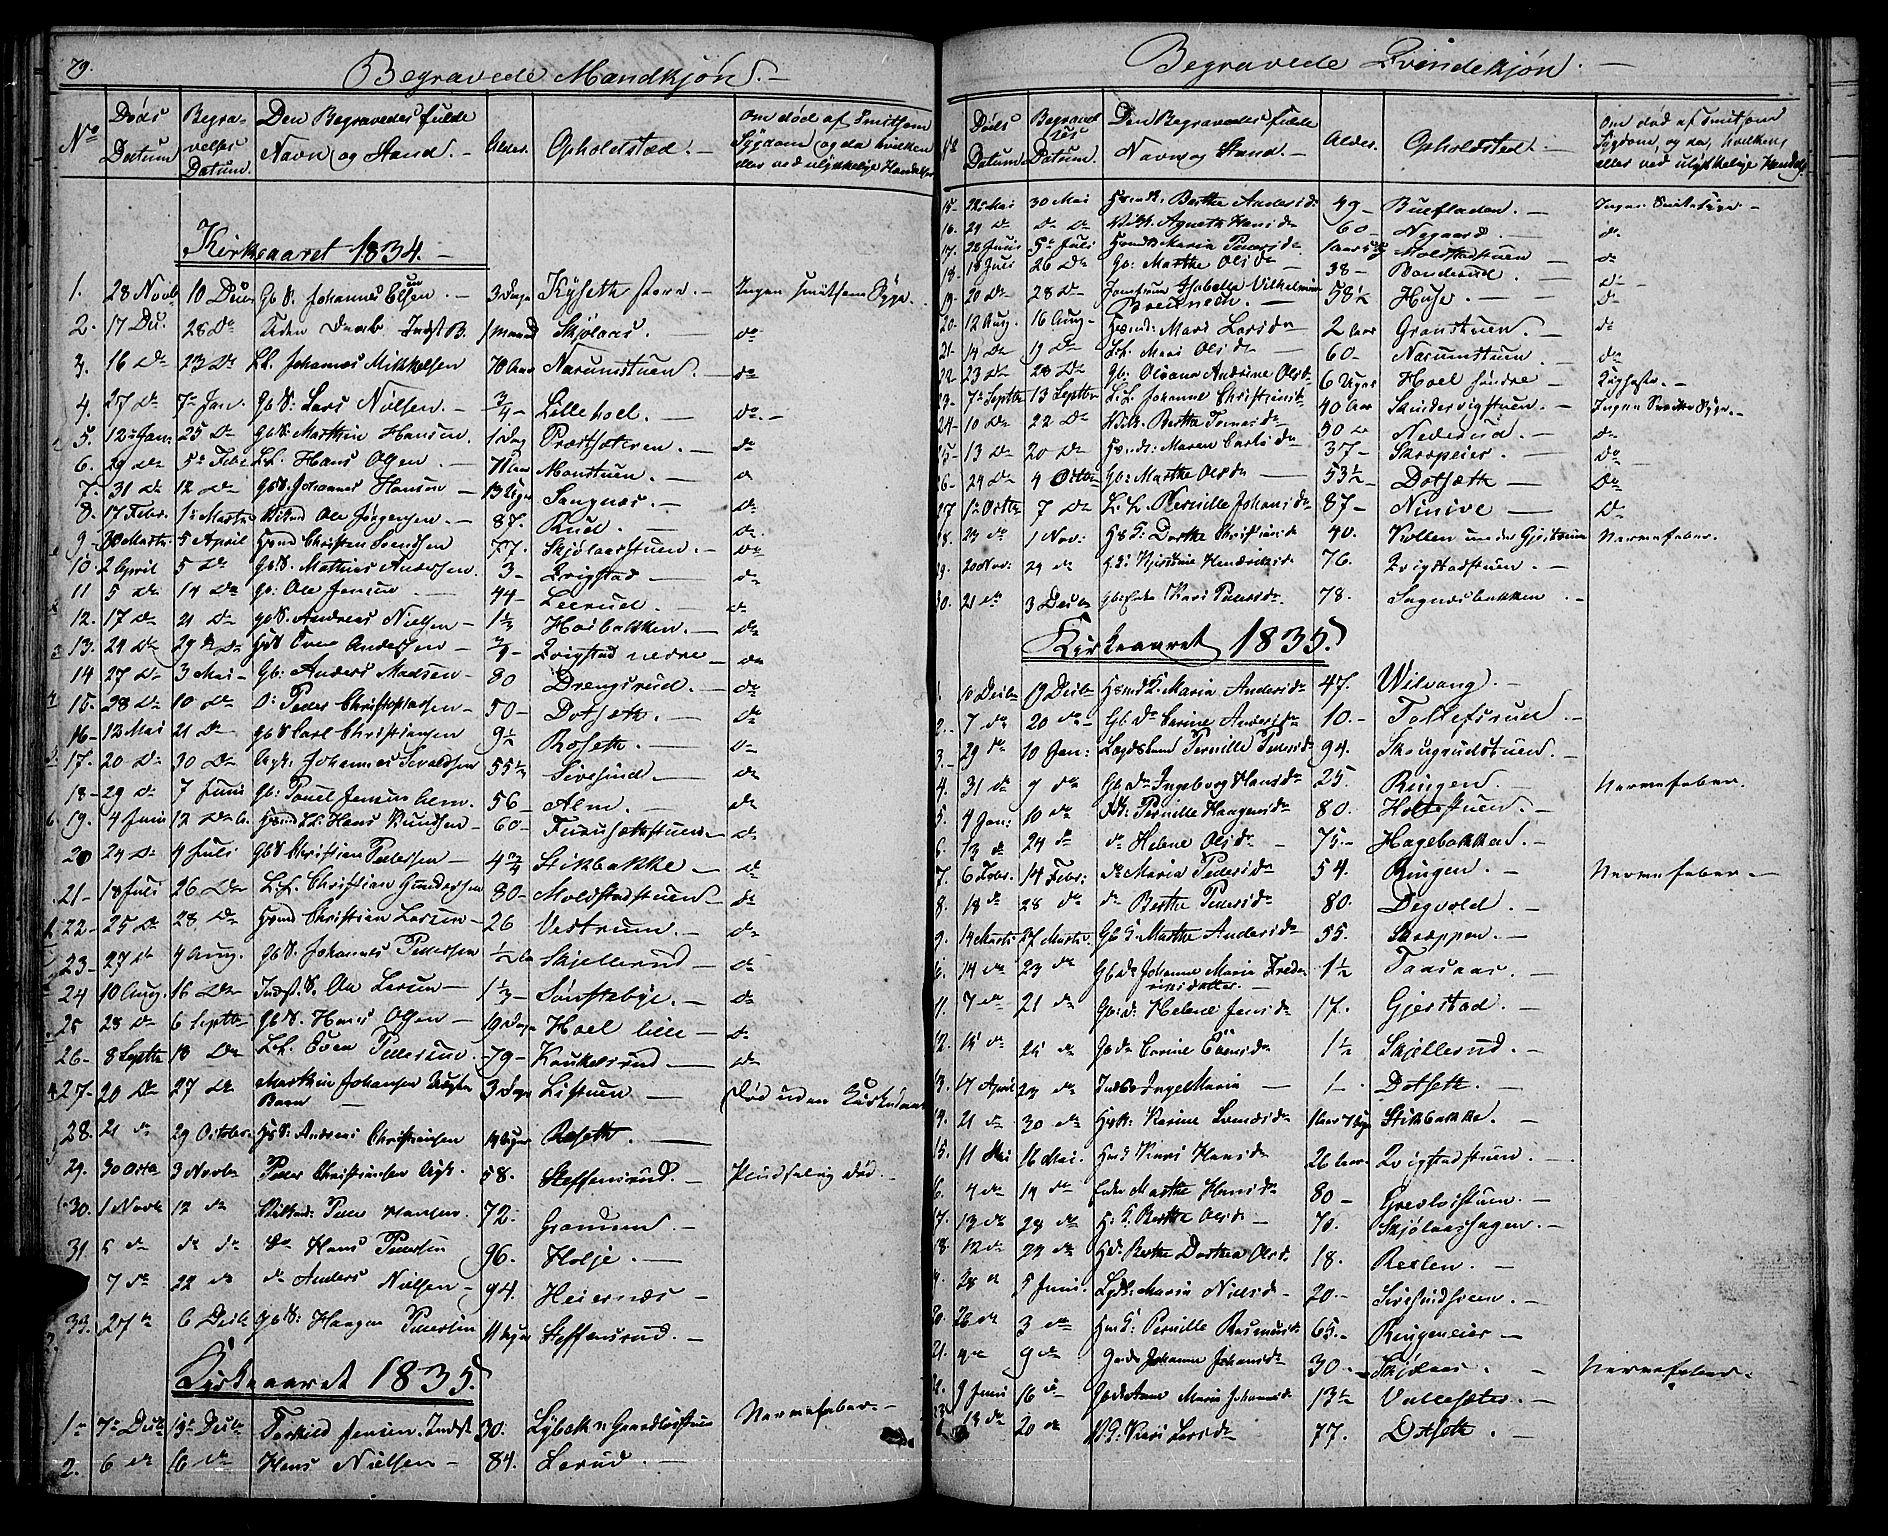 SAH, Vestre Toten prestekontor, Klokkerbok nr. 1, 1830-1836, s. 79